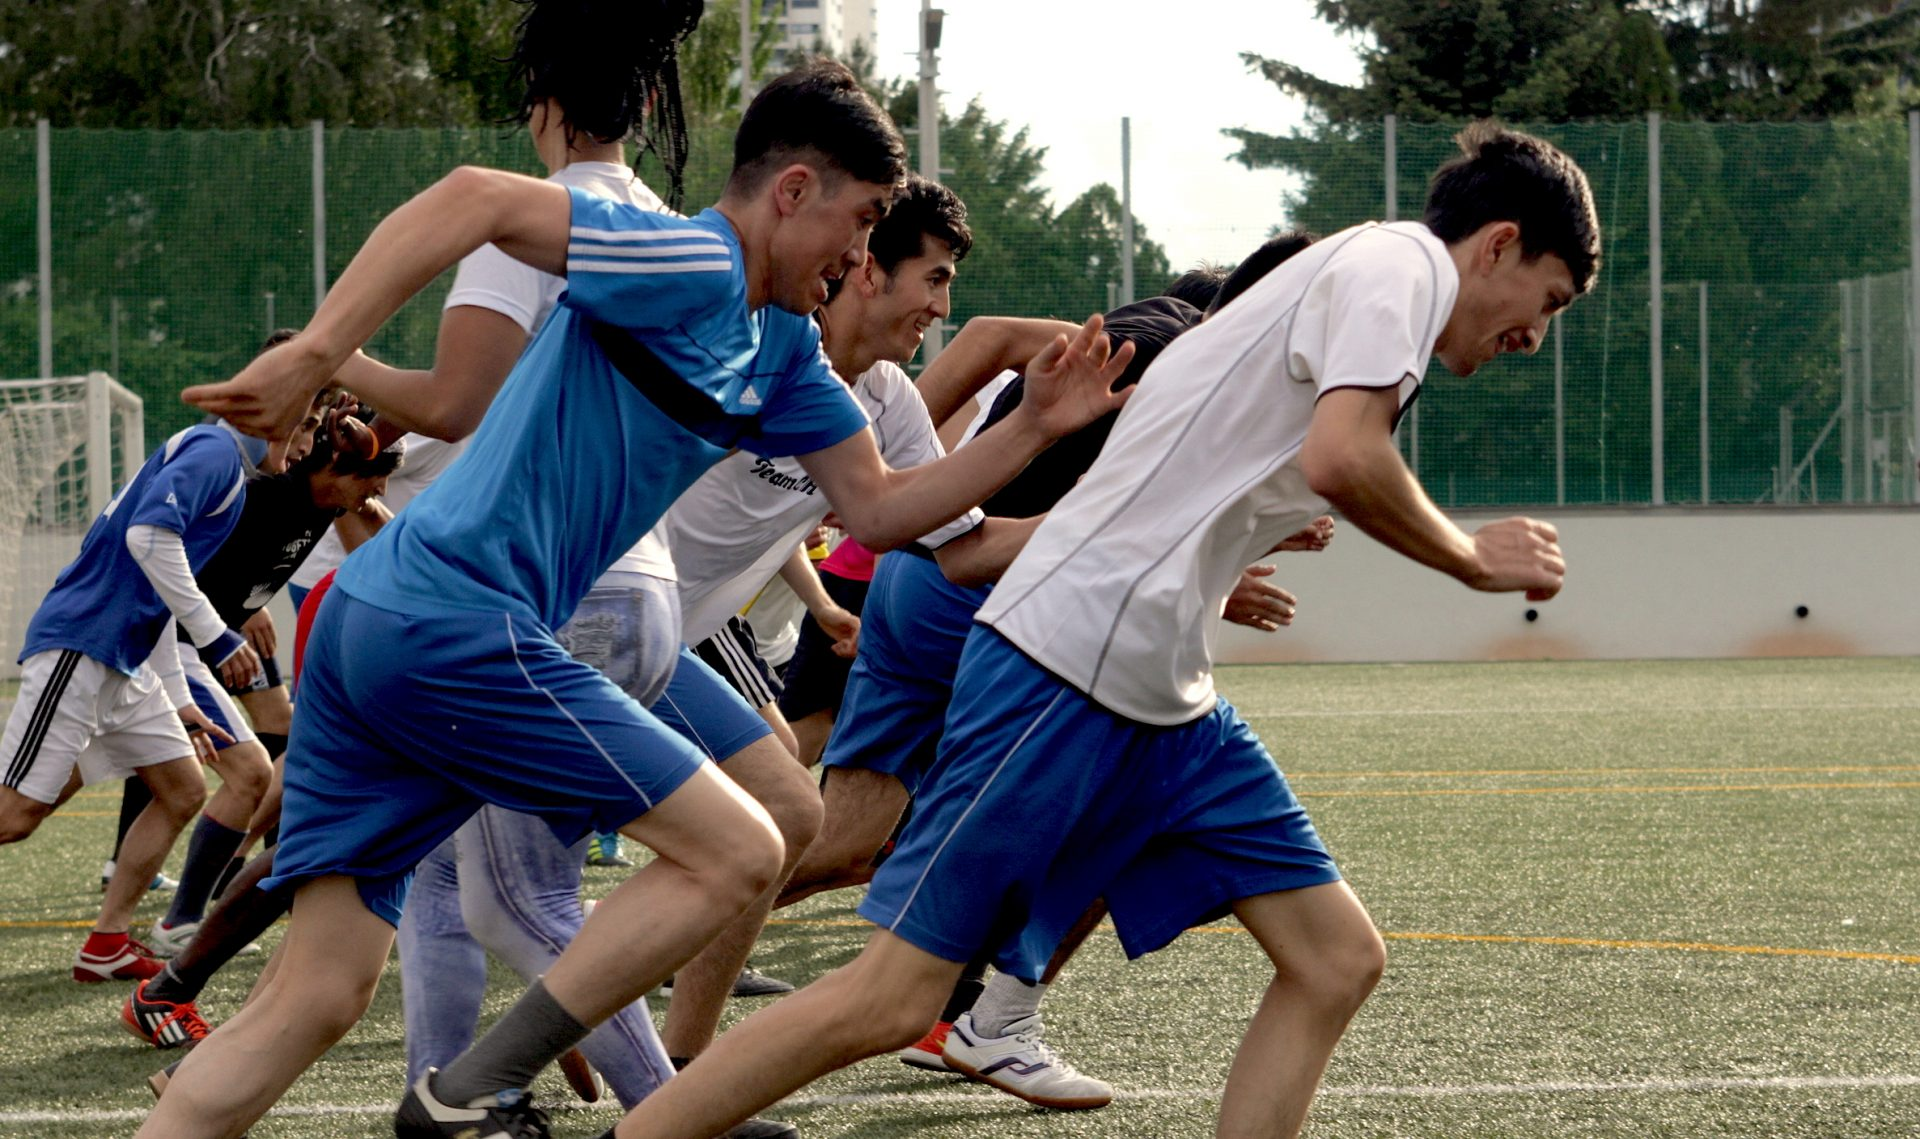 Jugendliche laufen am Fußballplatz